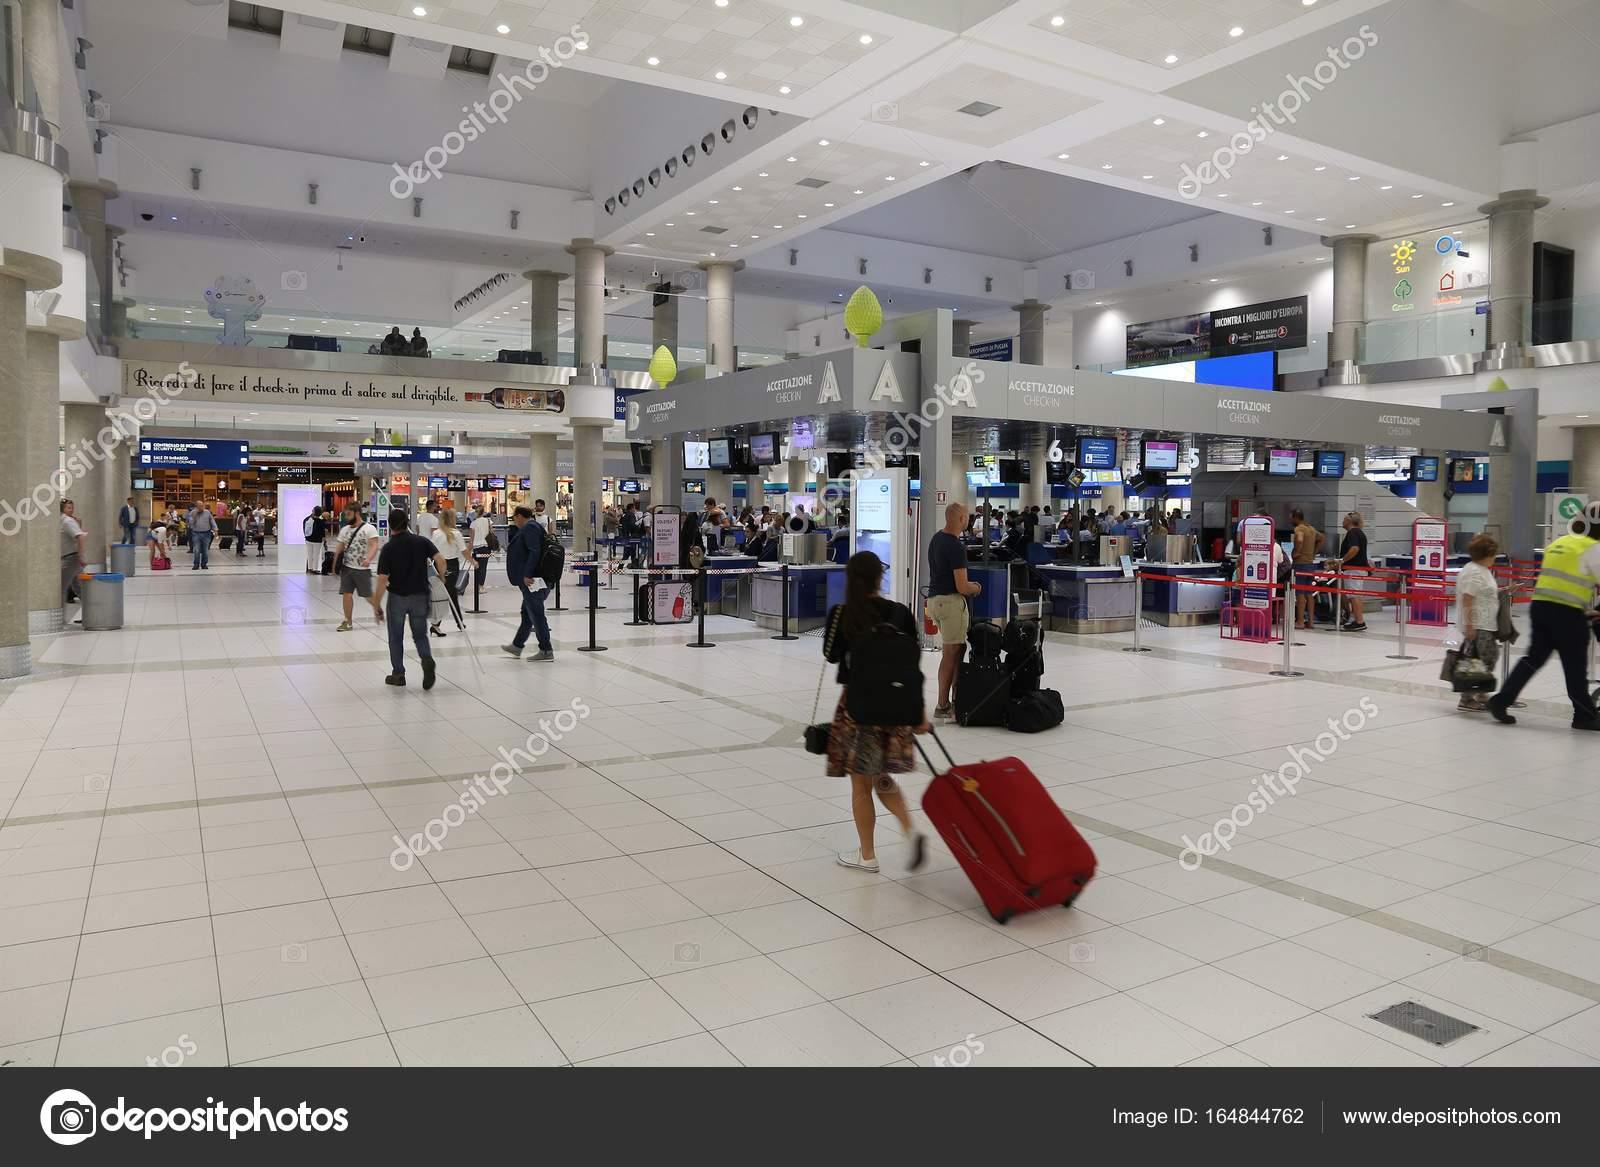 Aeroporto Bari : Noleggio auto a bari aeroporto con sixt